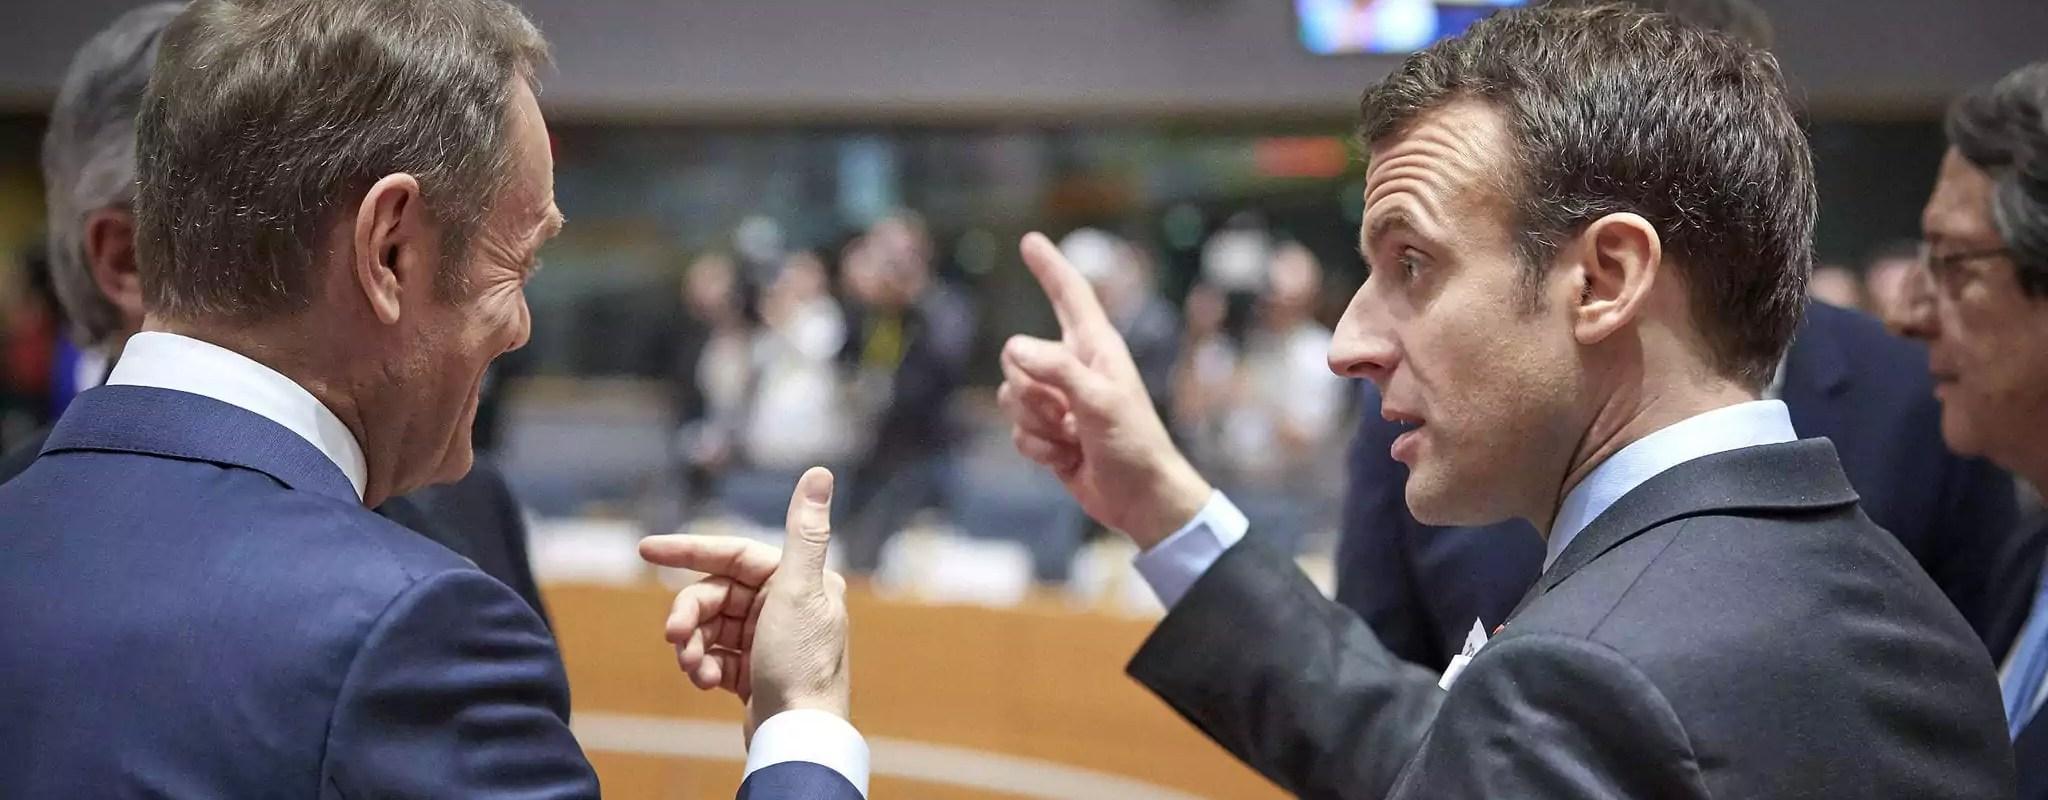 Mardi, suivez l'intervention d'Emmanuel Macron au Parlement européen